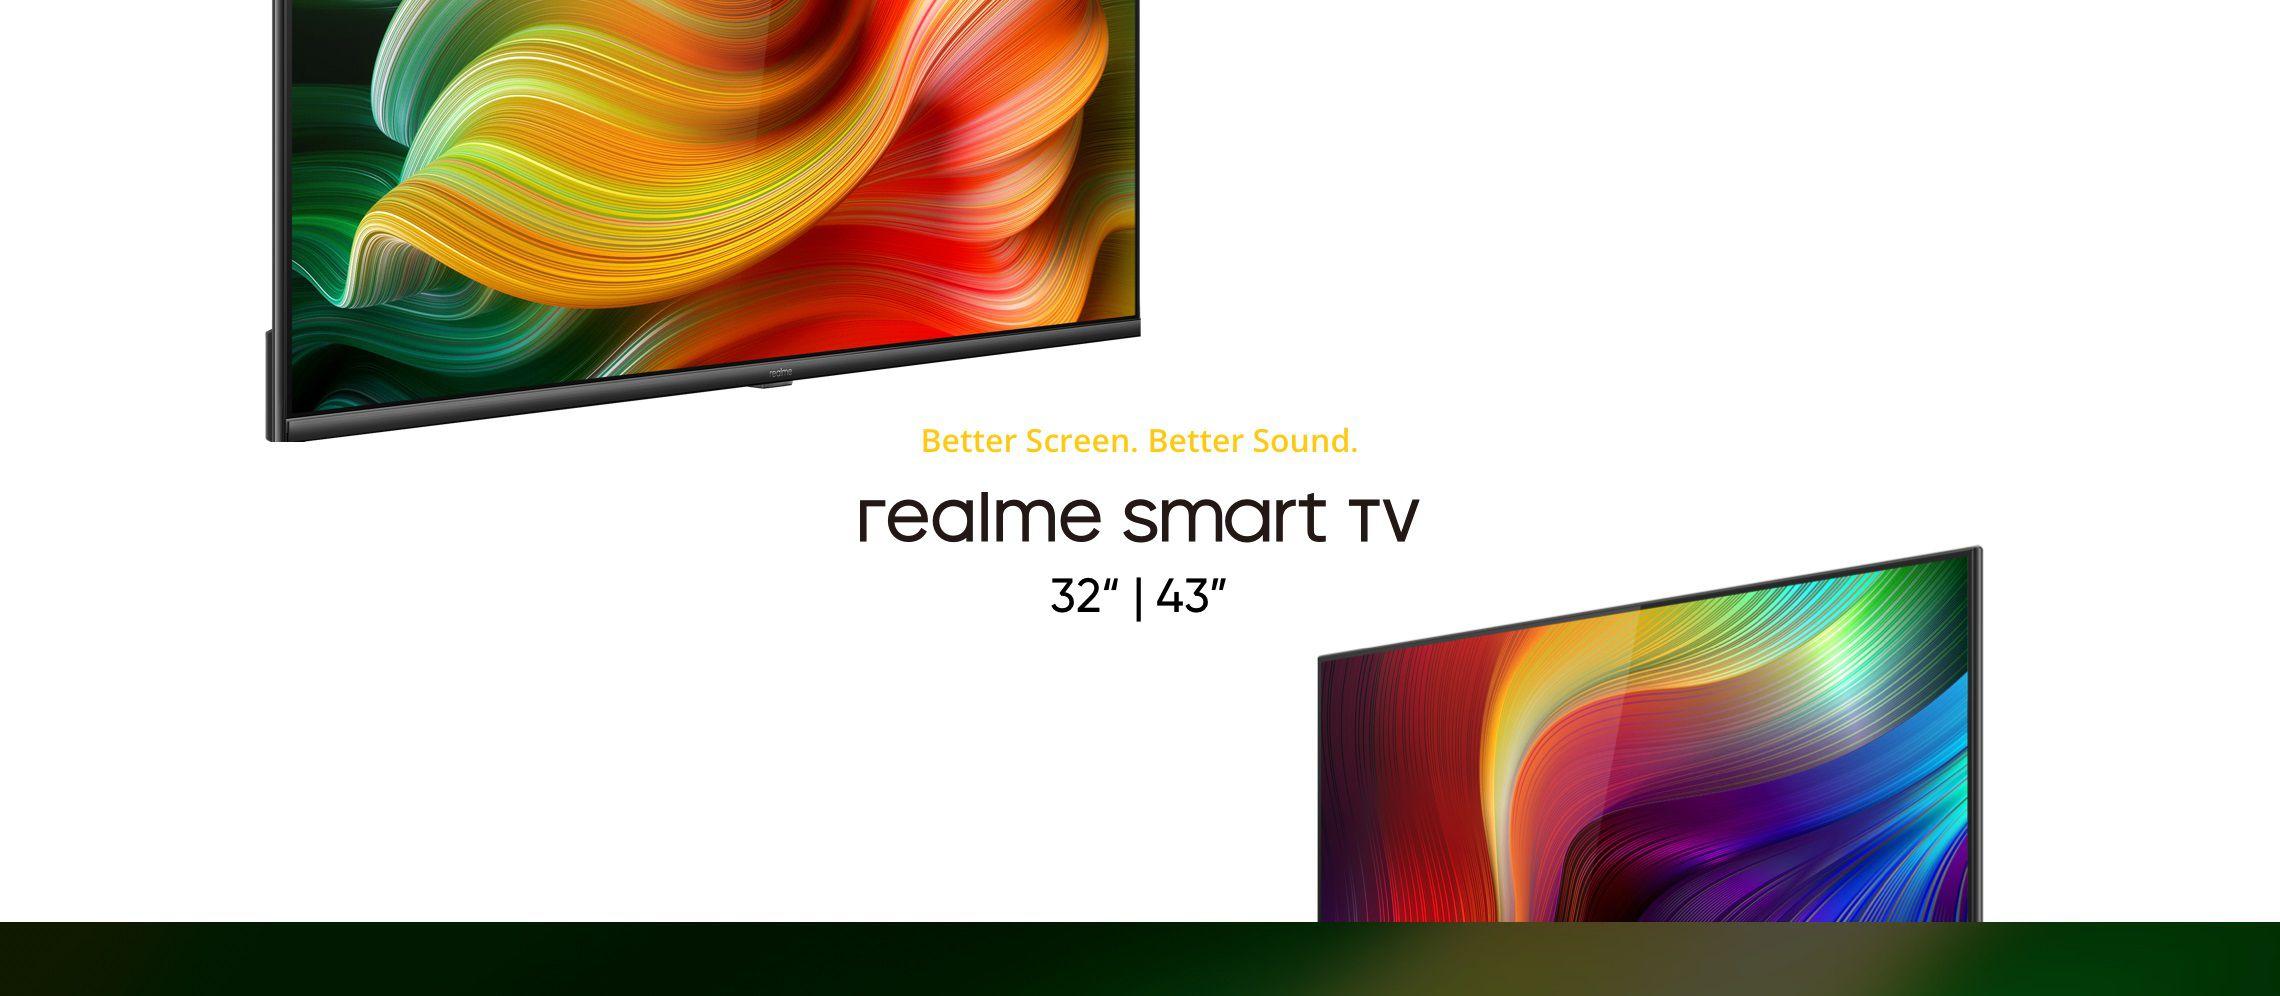 Realme Smart TV presentante ufficialmente: le prime (ed interessanti) smart TV di Realme